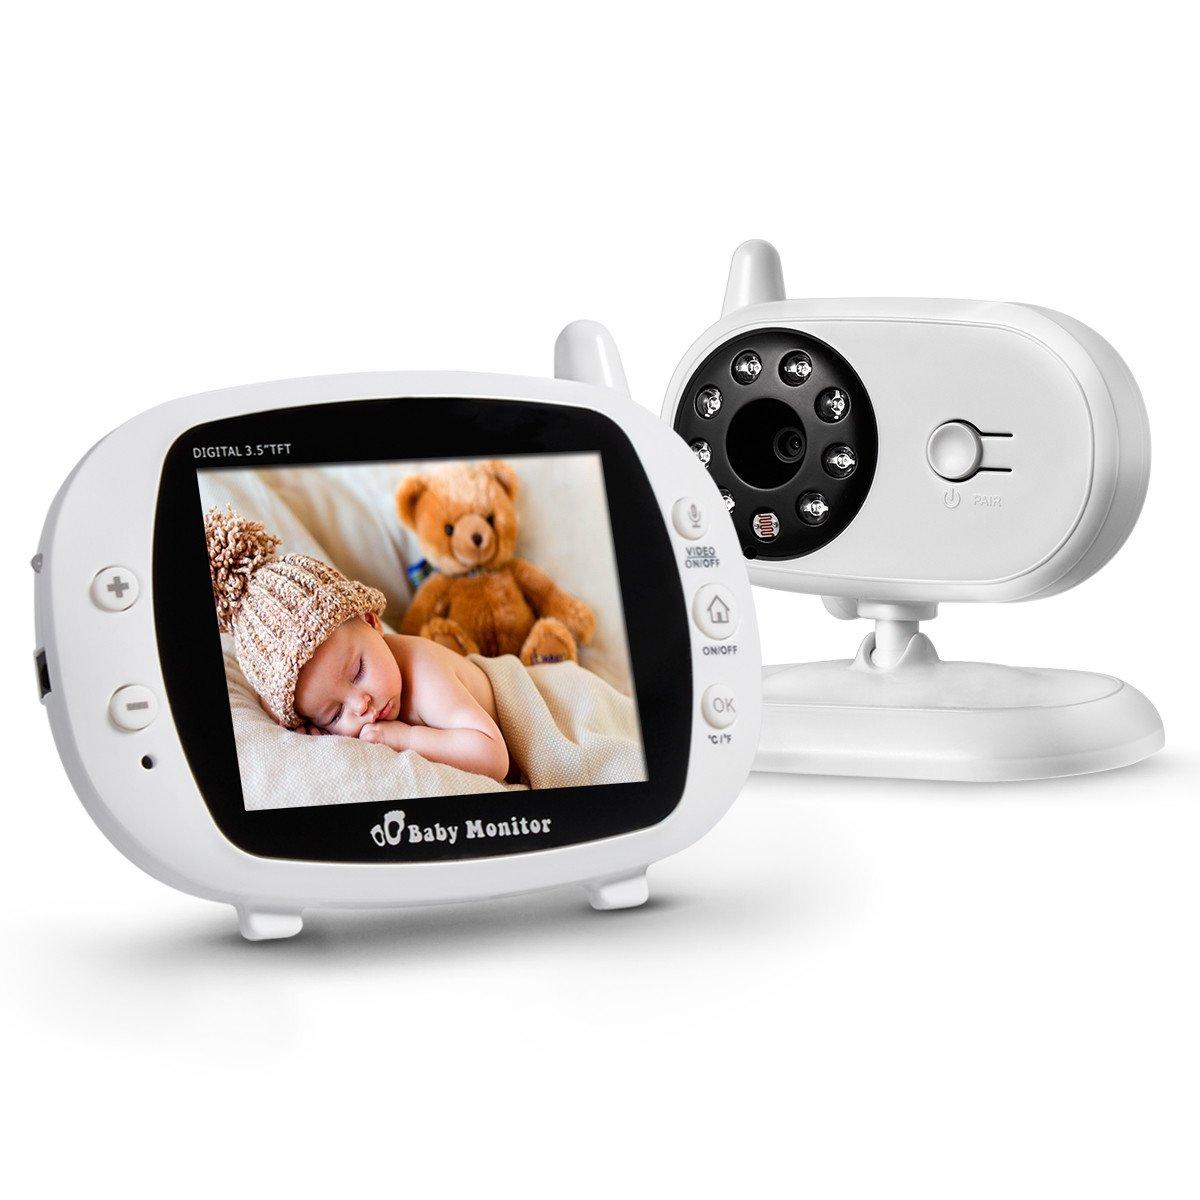 powerextra video inlalá mbrico bambino monitor della fotocamera digitale con LCD 3,5 ', monitor del bambino IR visione notturna, luce LED morbida, visualizzazione di temperatura, dialogo, colore bianco 5 isYoung